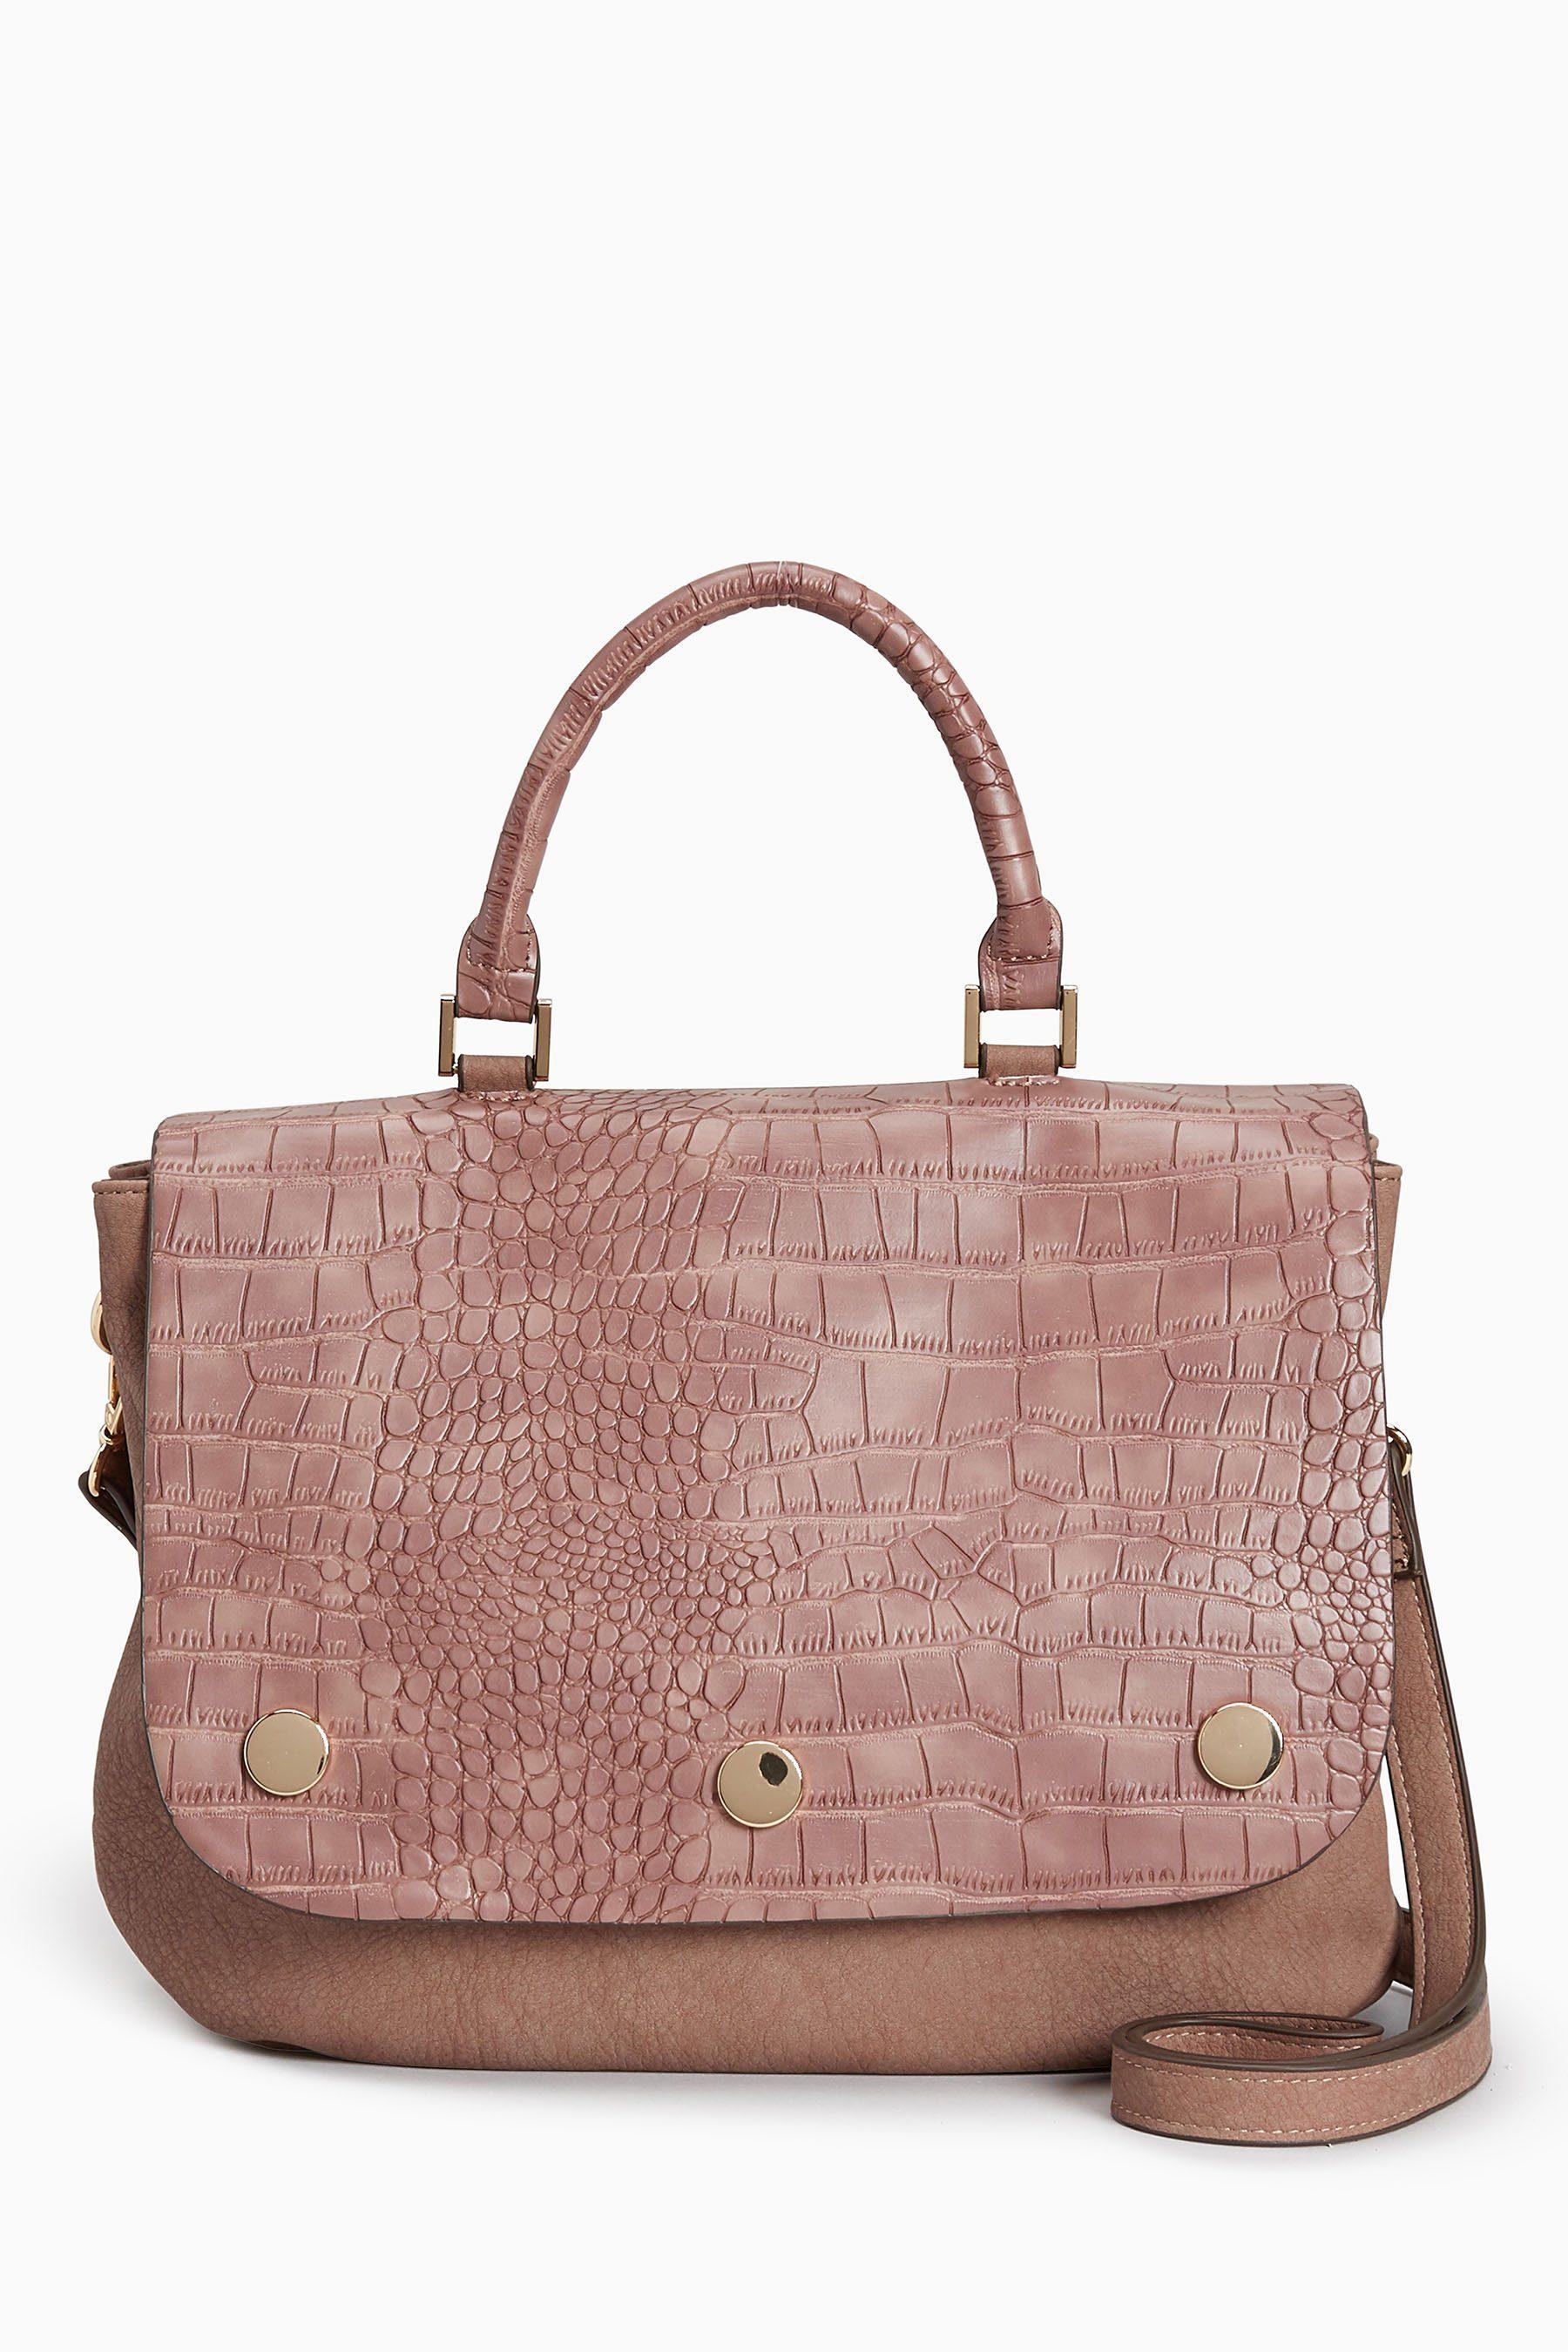 Next Handtasche in Kroko-Optik